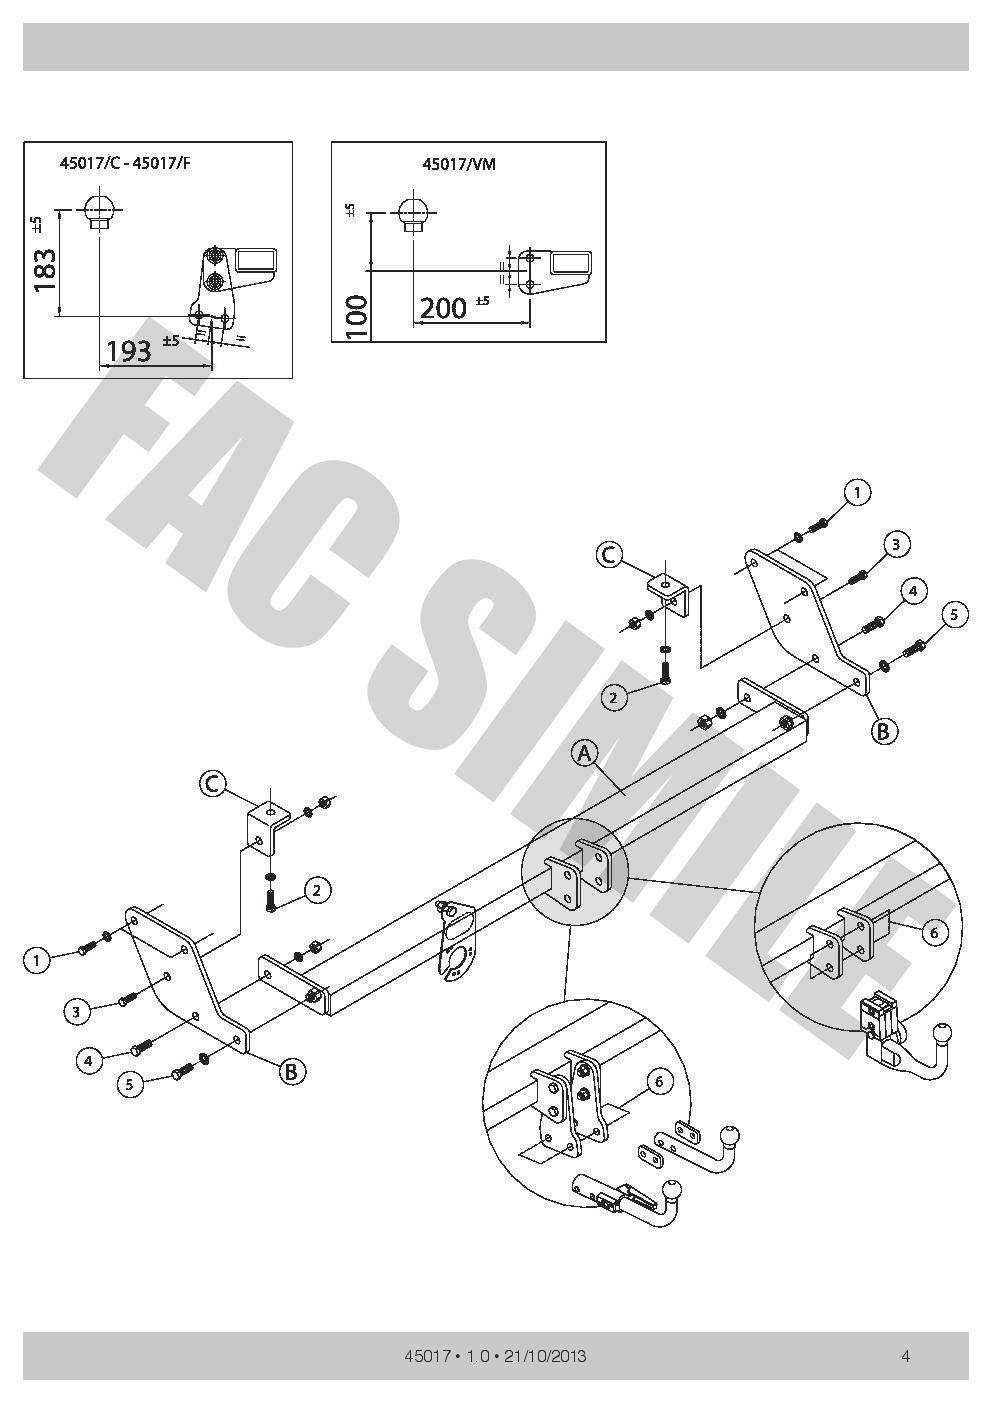 7pin Electrics for Hyundai i30 Hatch 5dr 2008-2012 45017//C/_E1 Detach Towbar